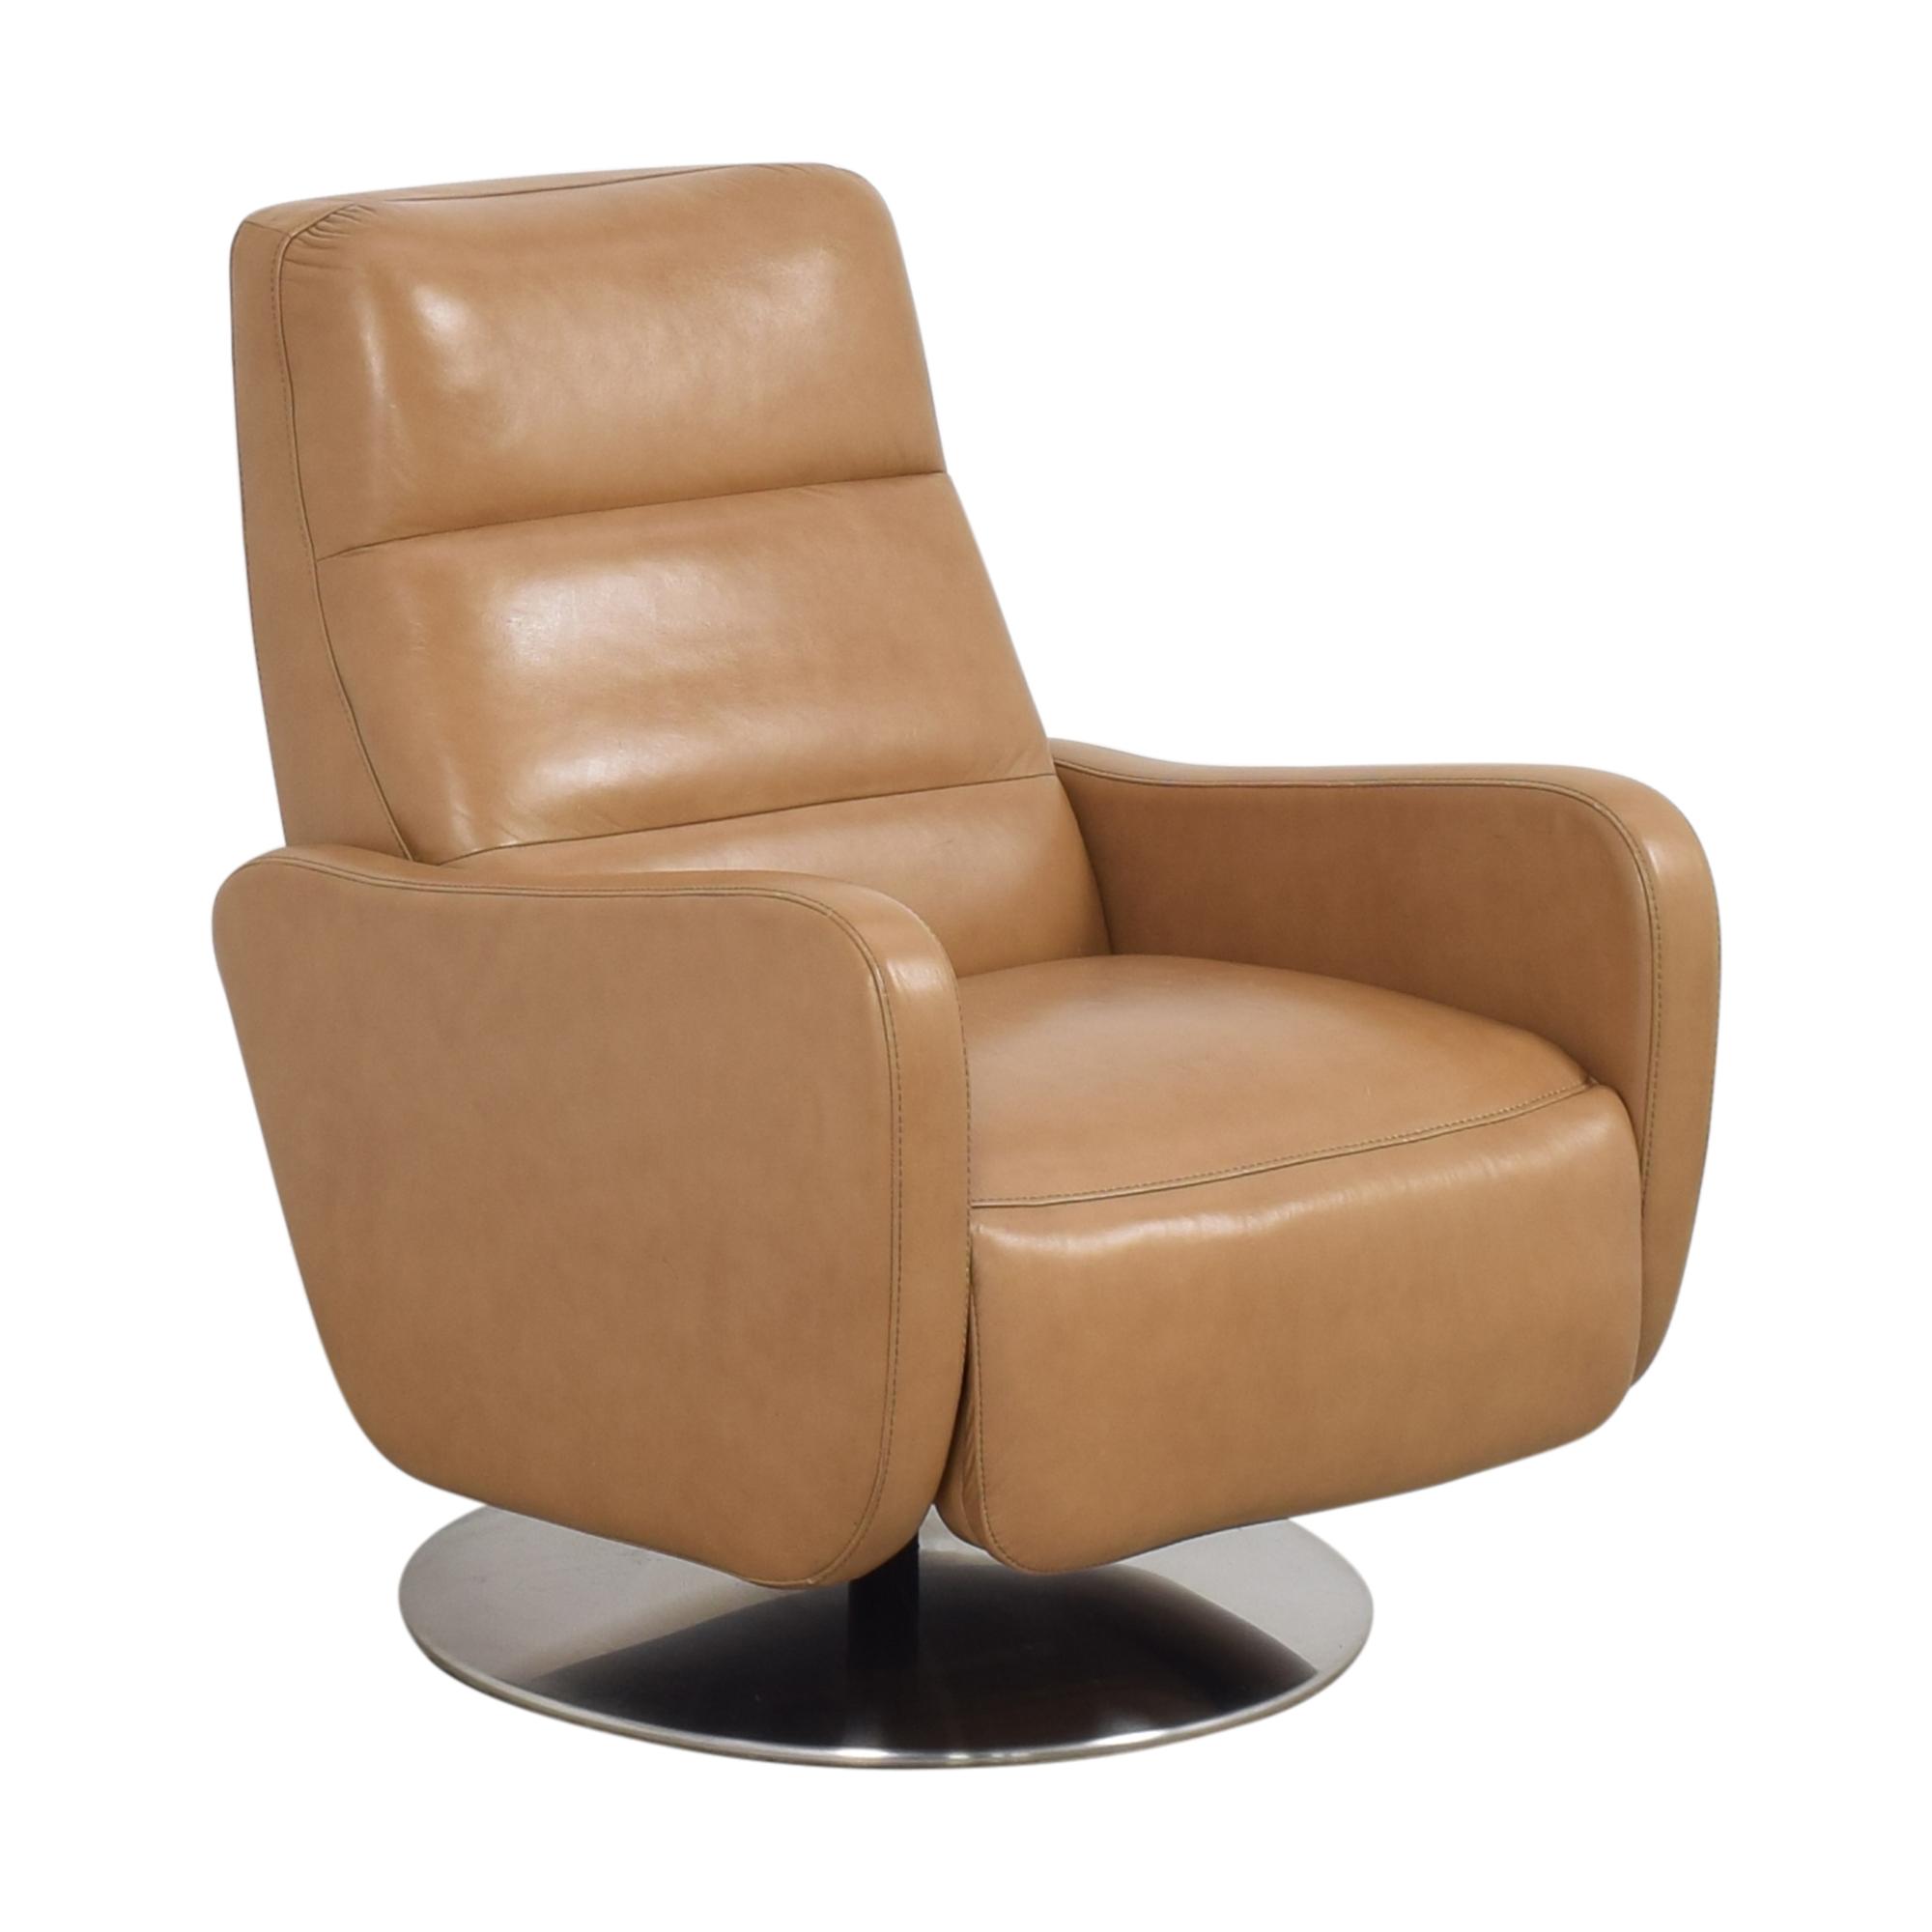 Elite Leather Company Elite Leather Company Aries Recliner ma